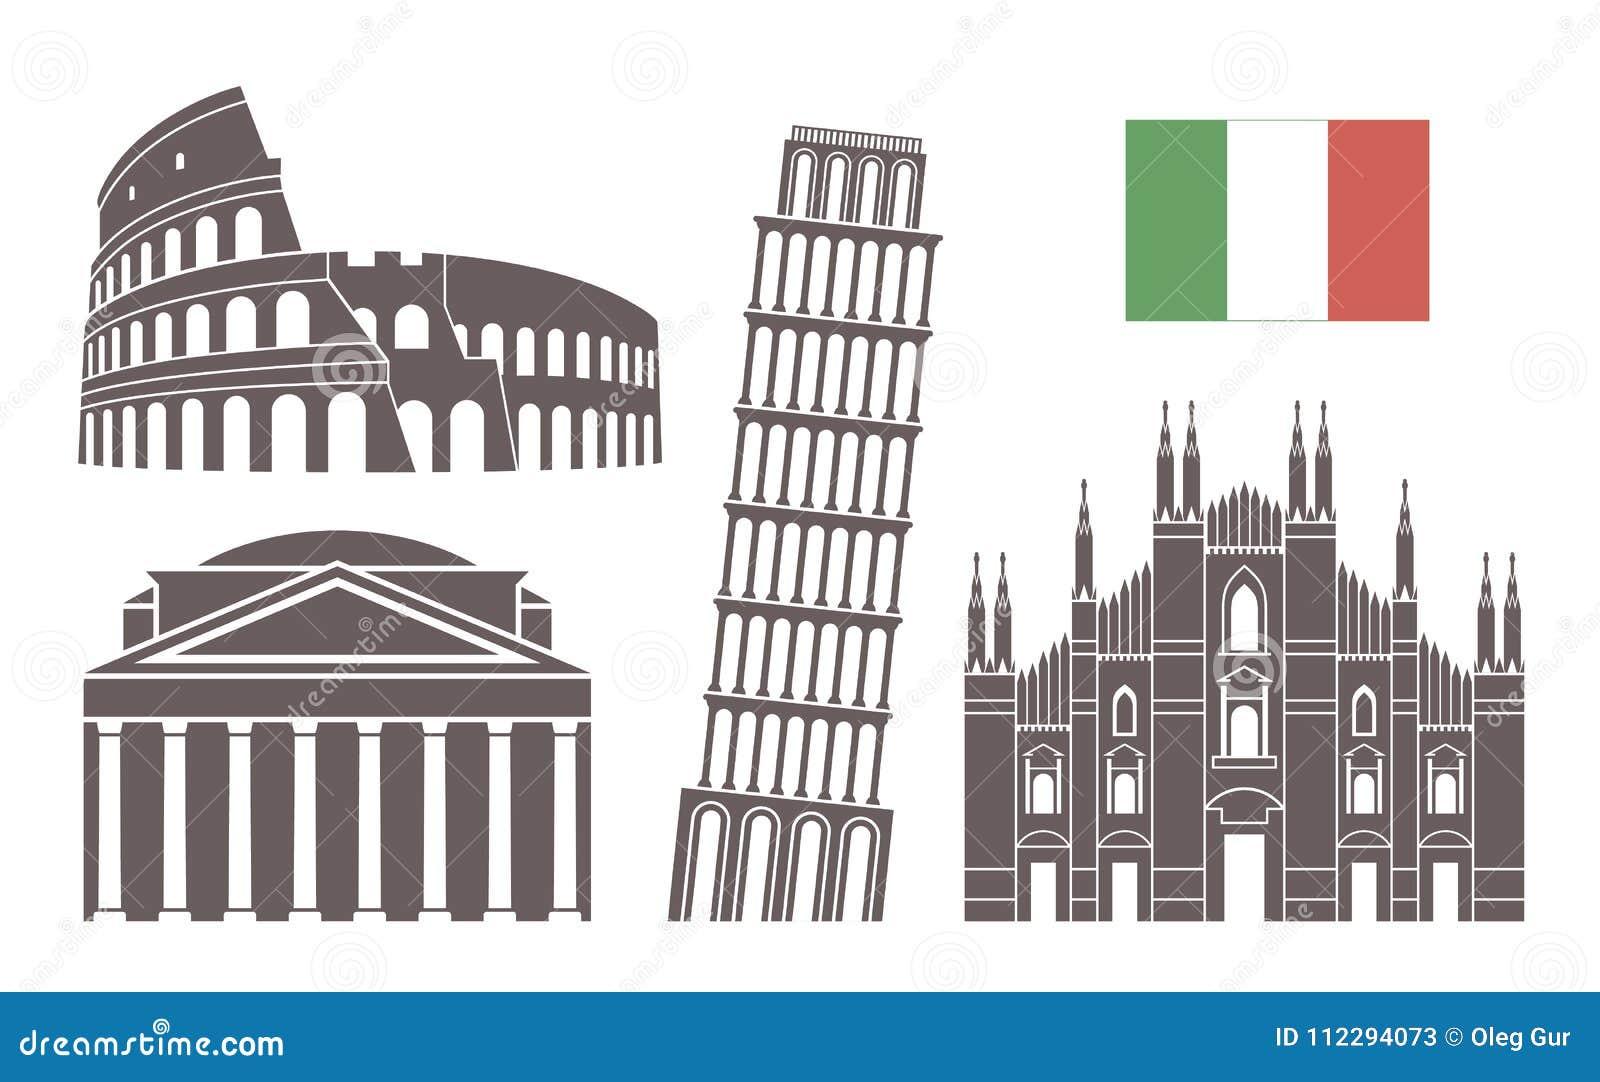 背景边界国家(地区)详述标志图标查出的意大利地区集合形状白色 在白色背景的被隔绝的意大利建筑学